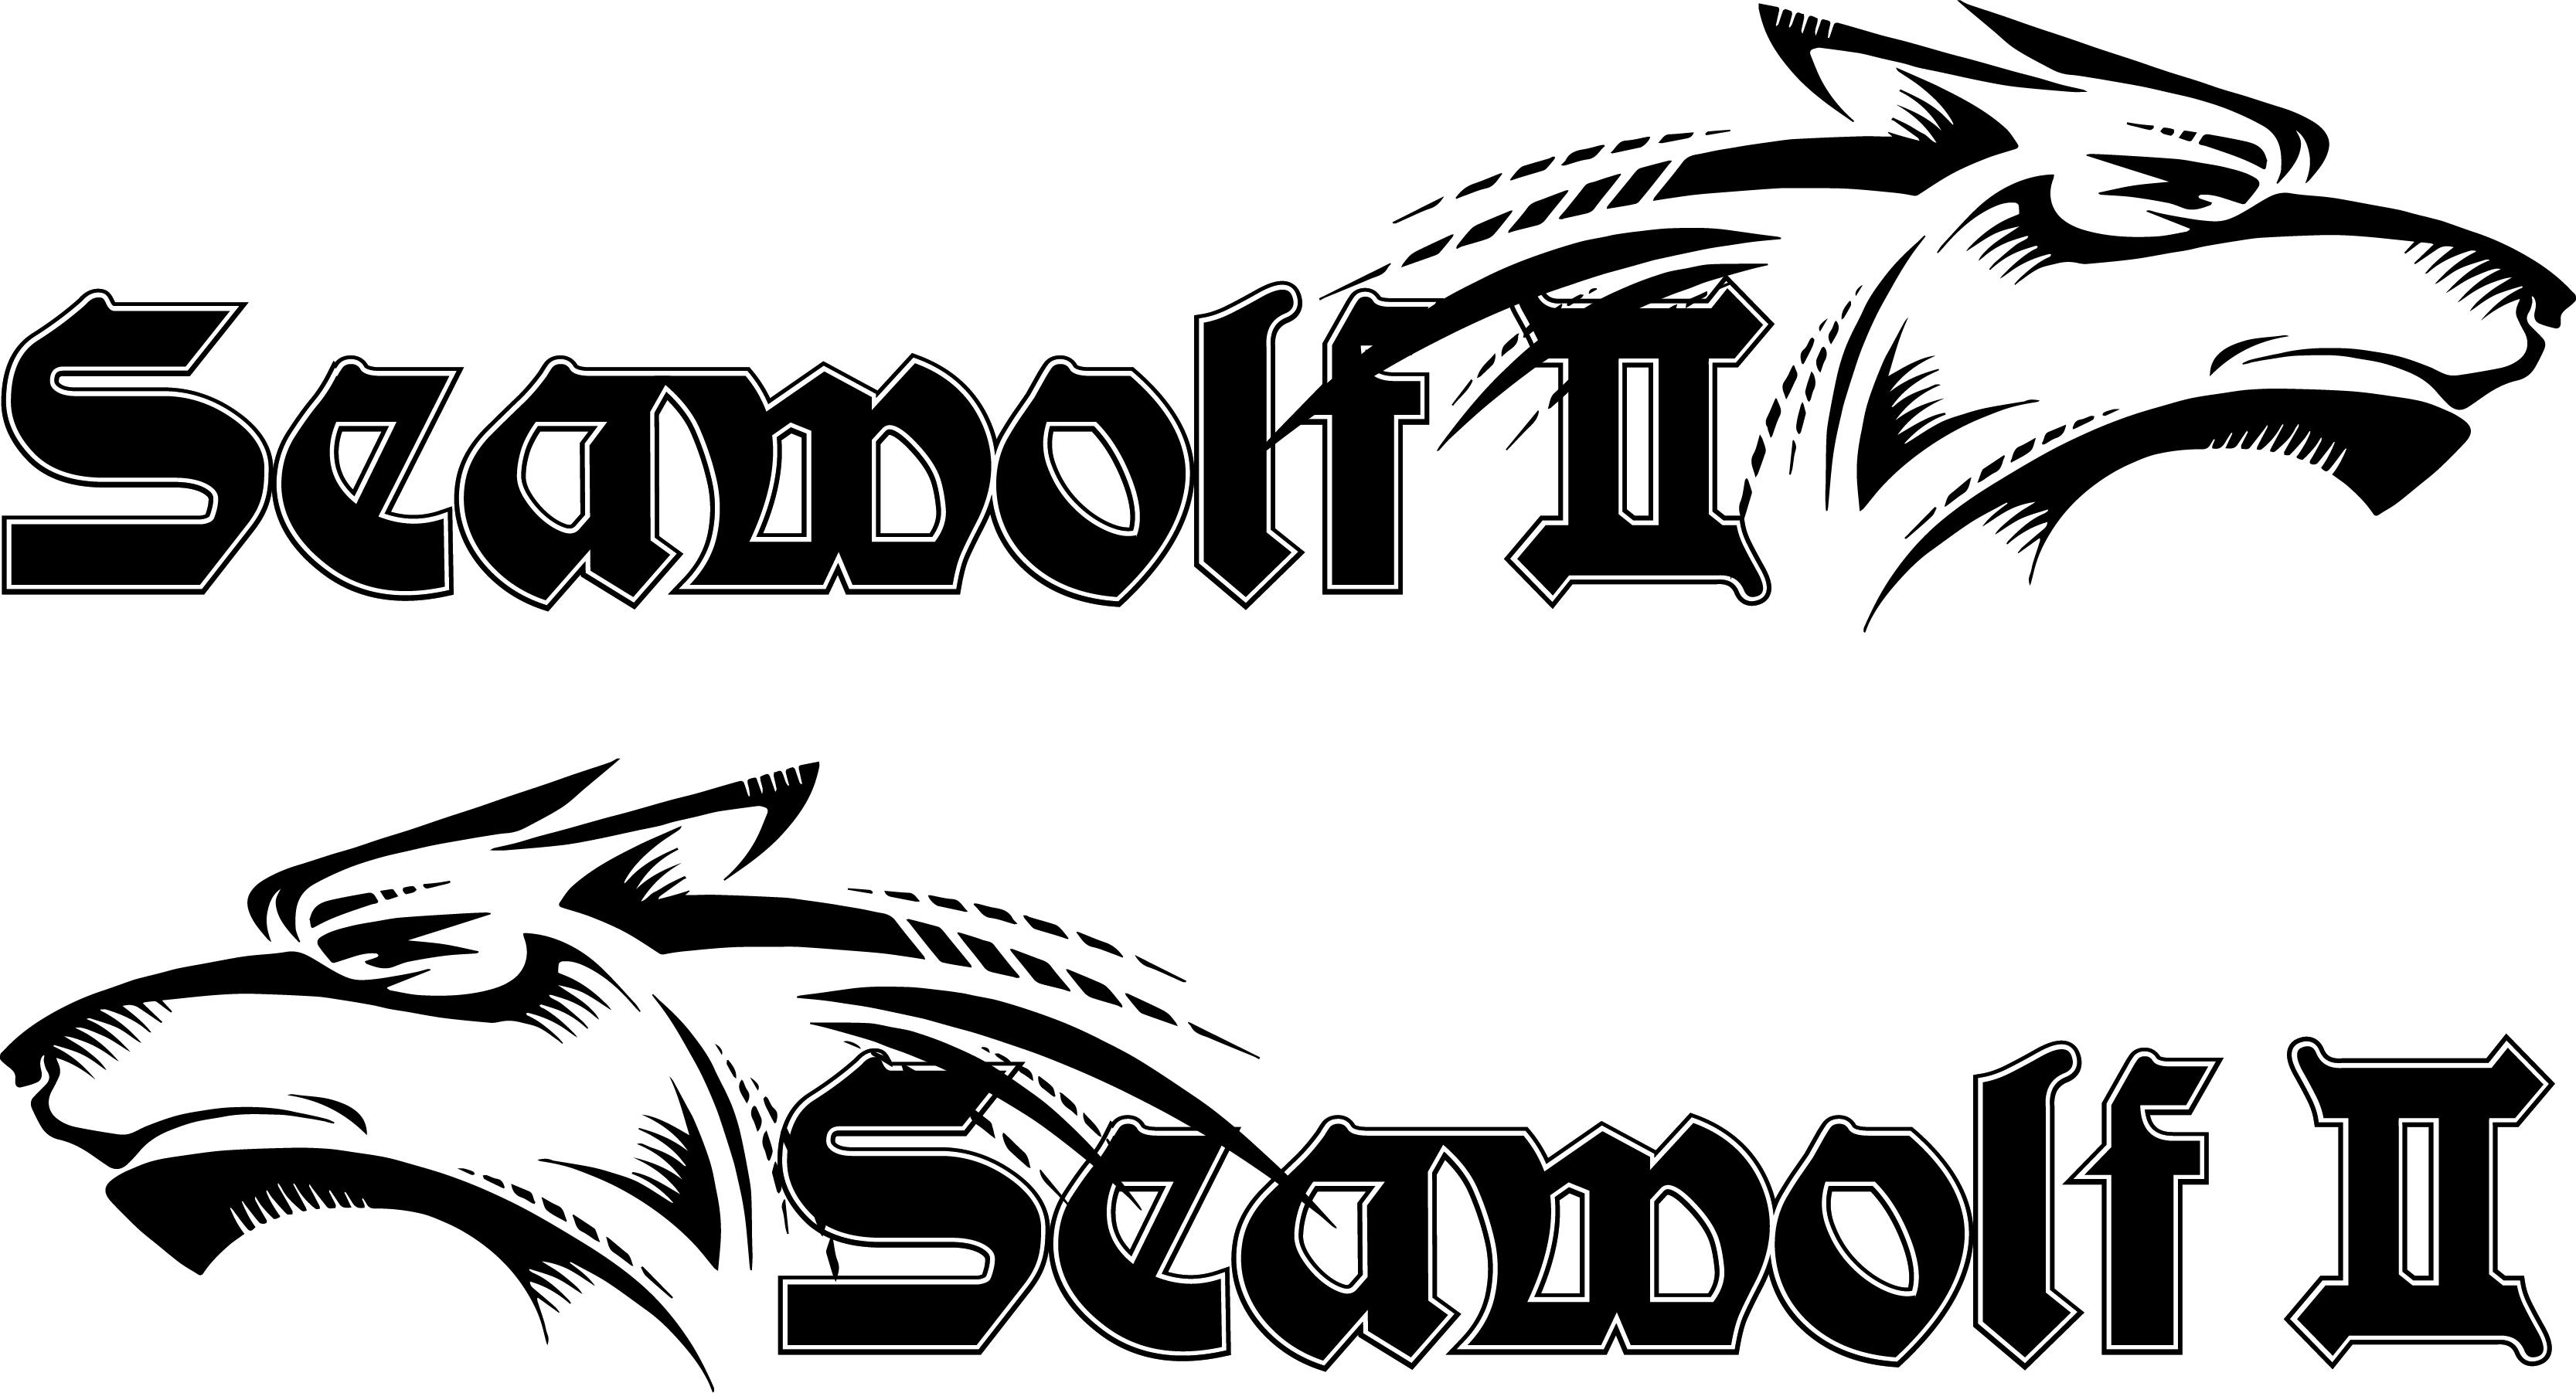 Seawolf Decal